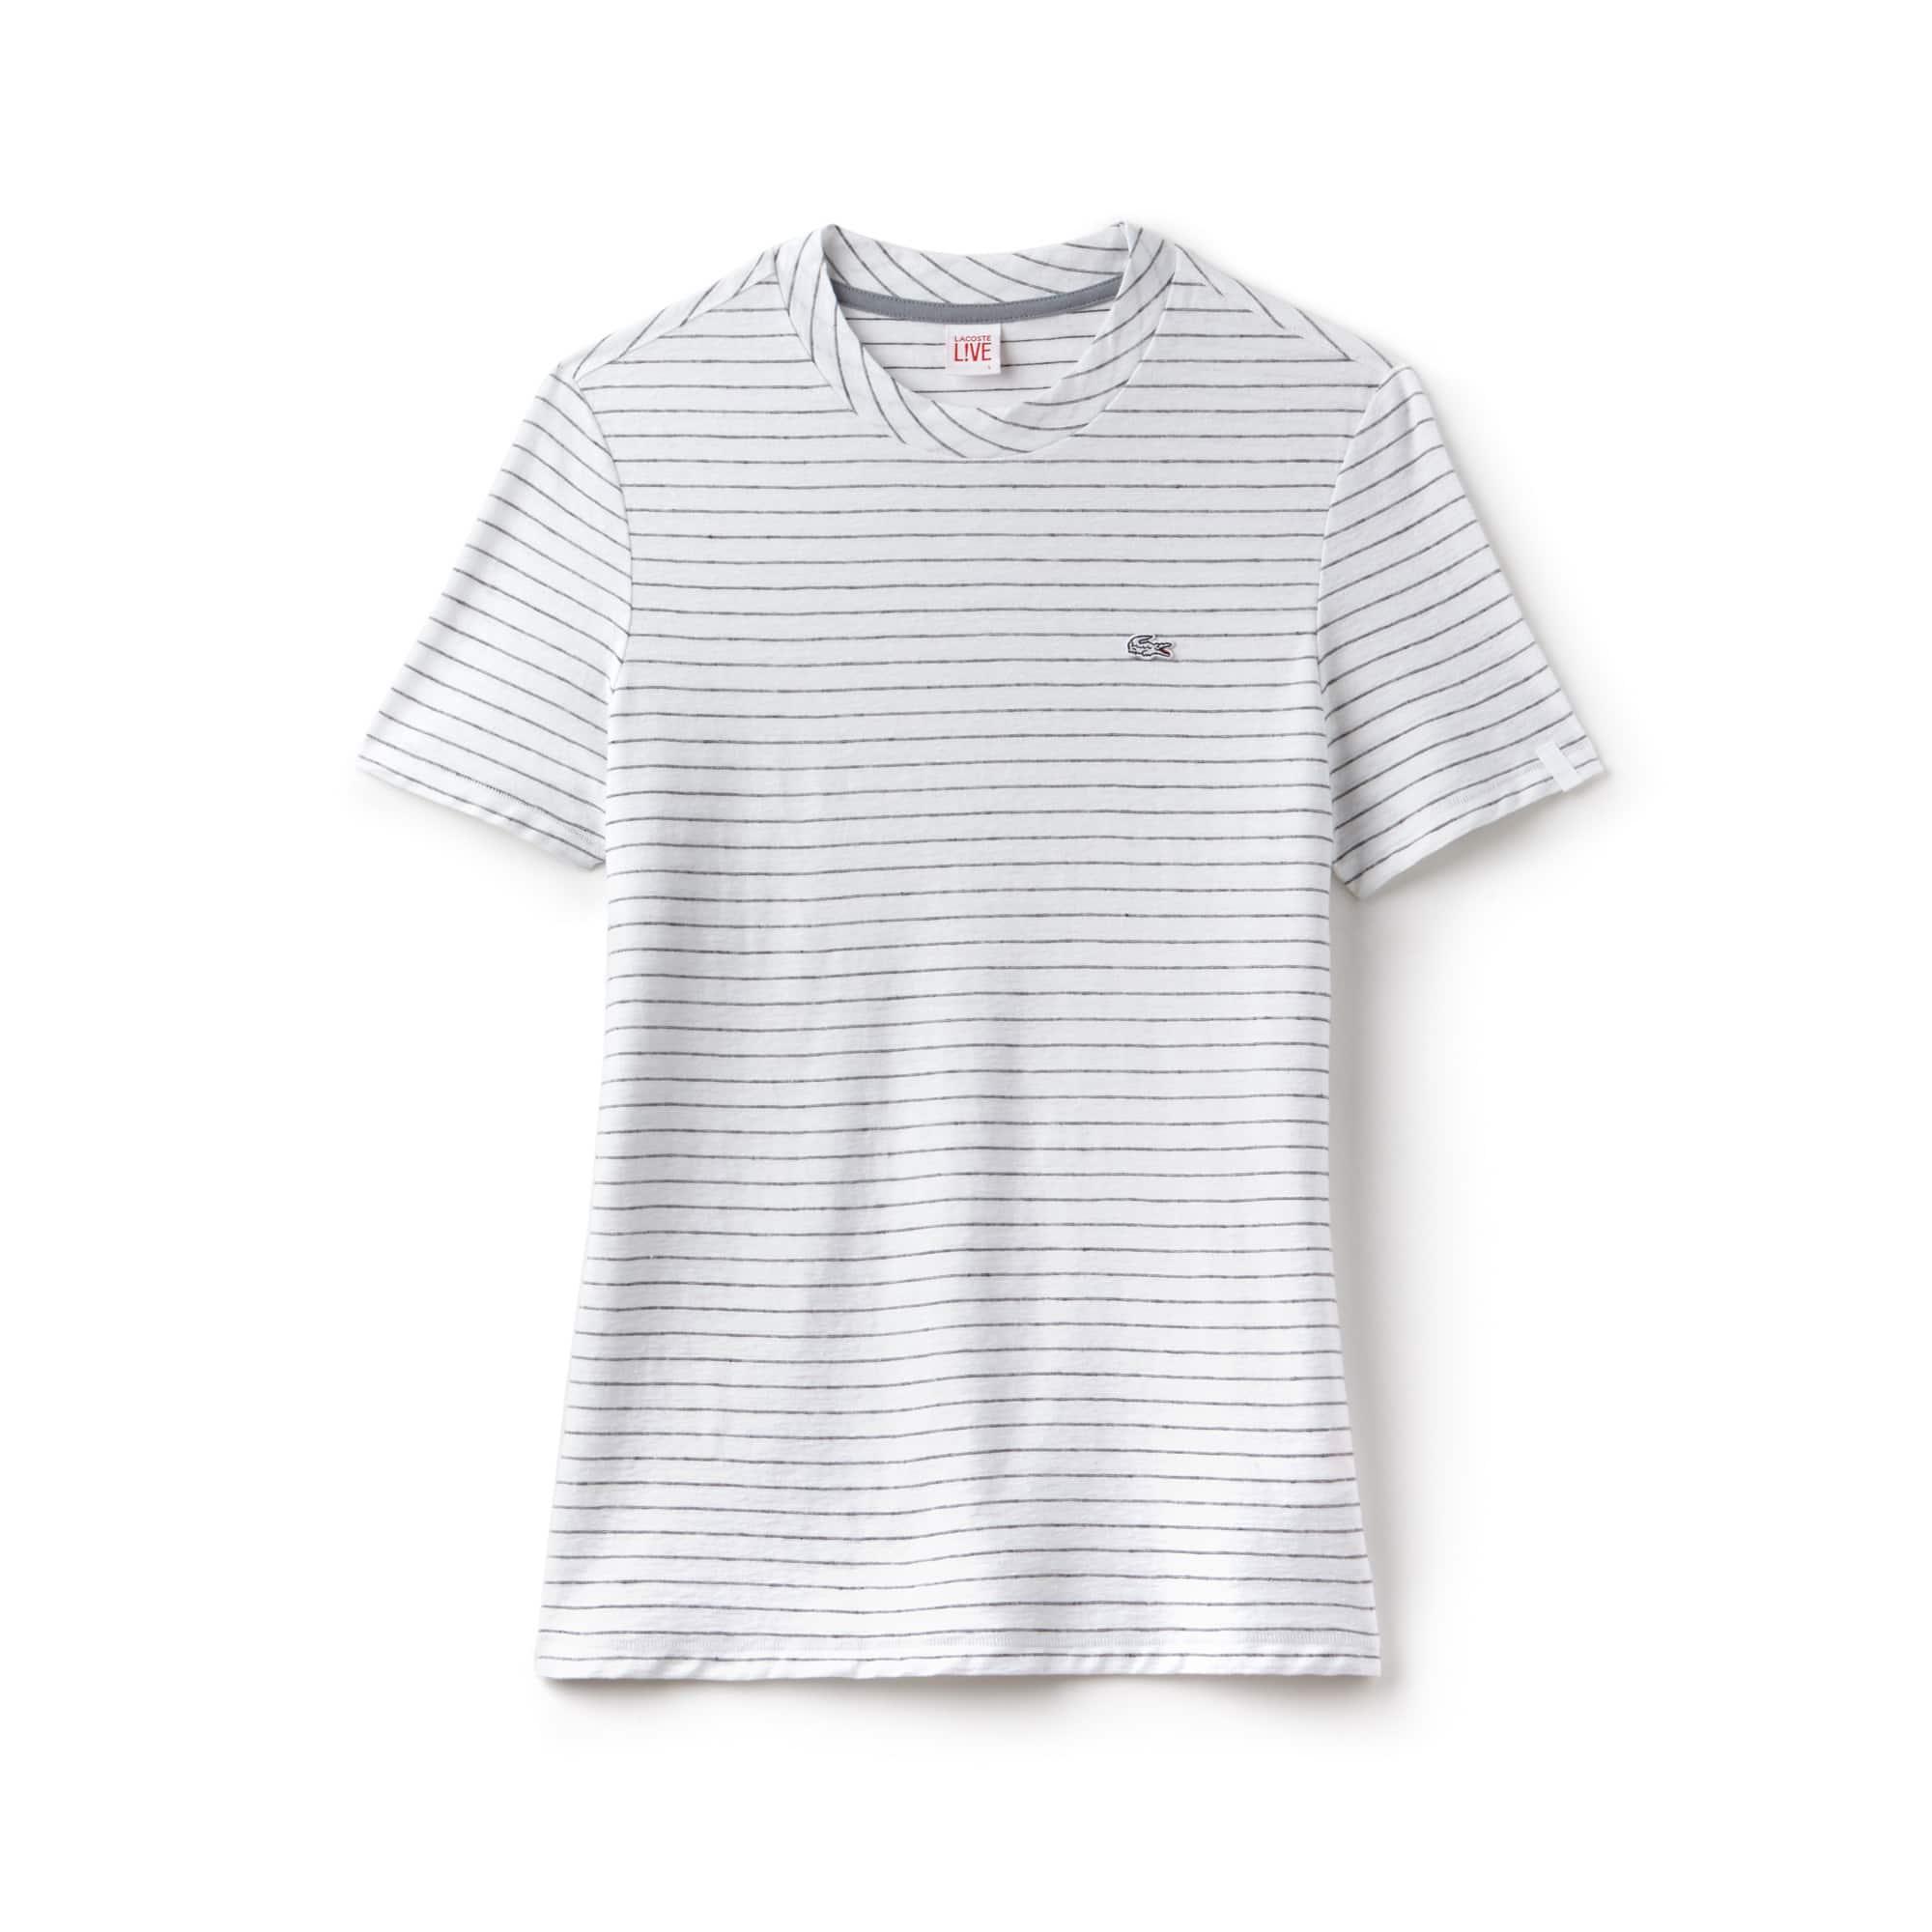 T-shirt col rond Lacoste LIVE en jersey de coton et lin rayé